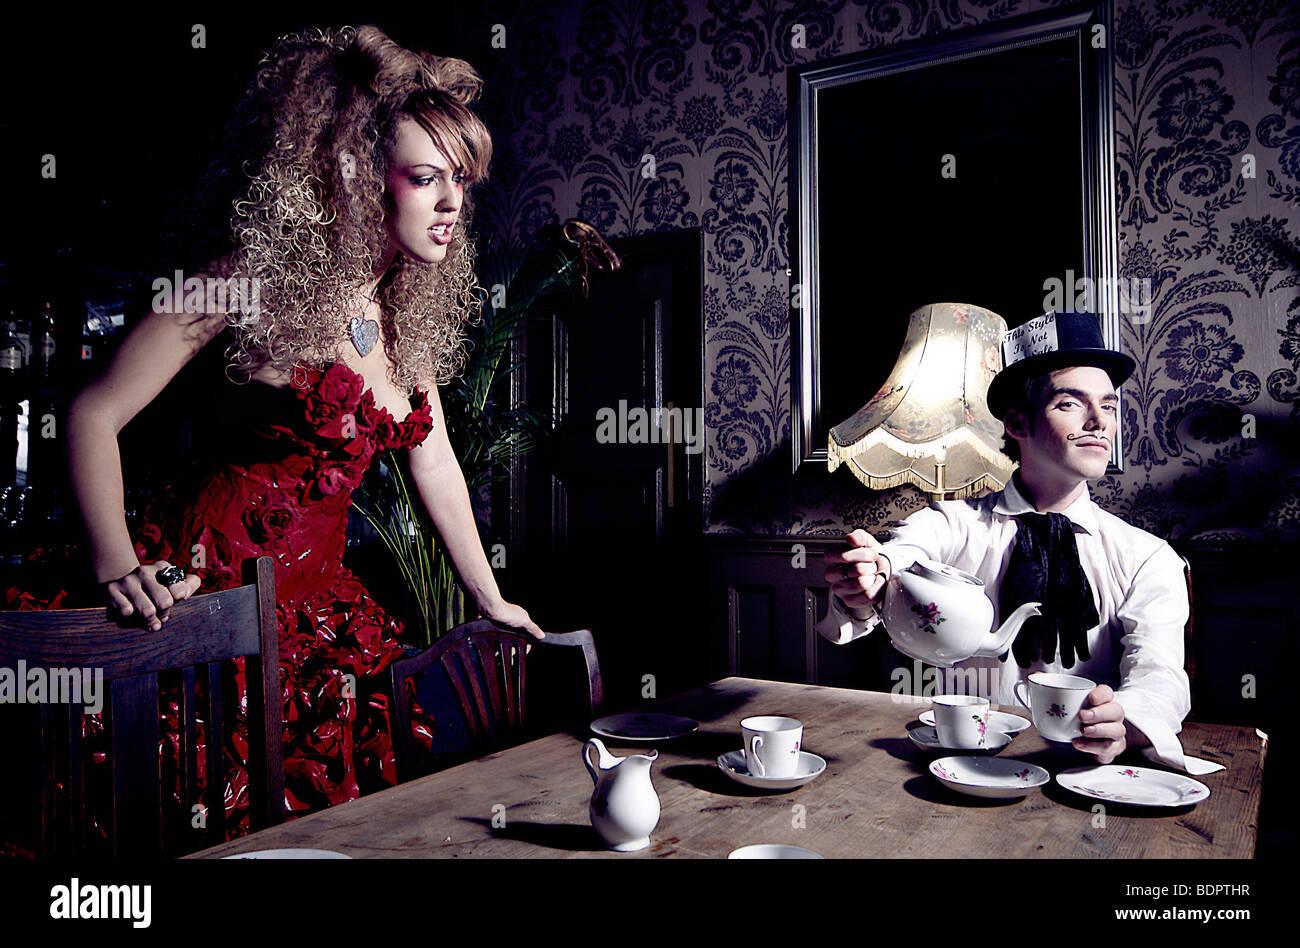 Una giovane donna che indossa un abito rosso guardando un giovane uomo seduto a un tavolo versando una tazza di tè che indossa un cappello a cilindro. Foto Stock